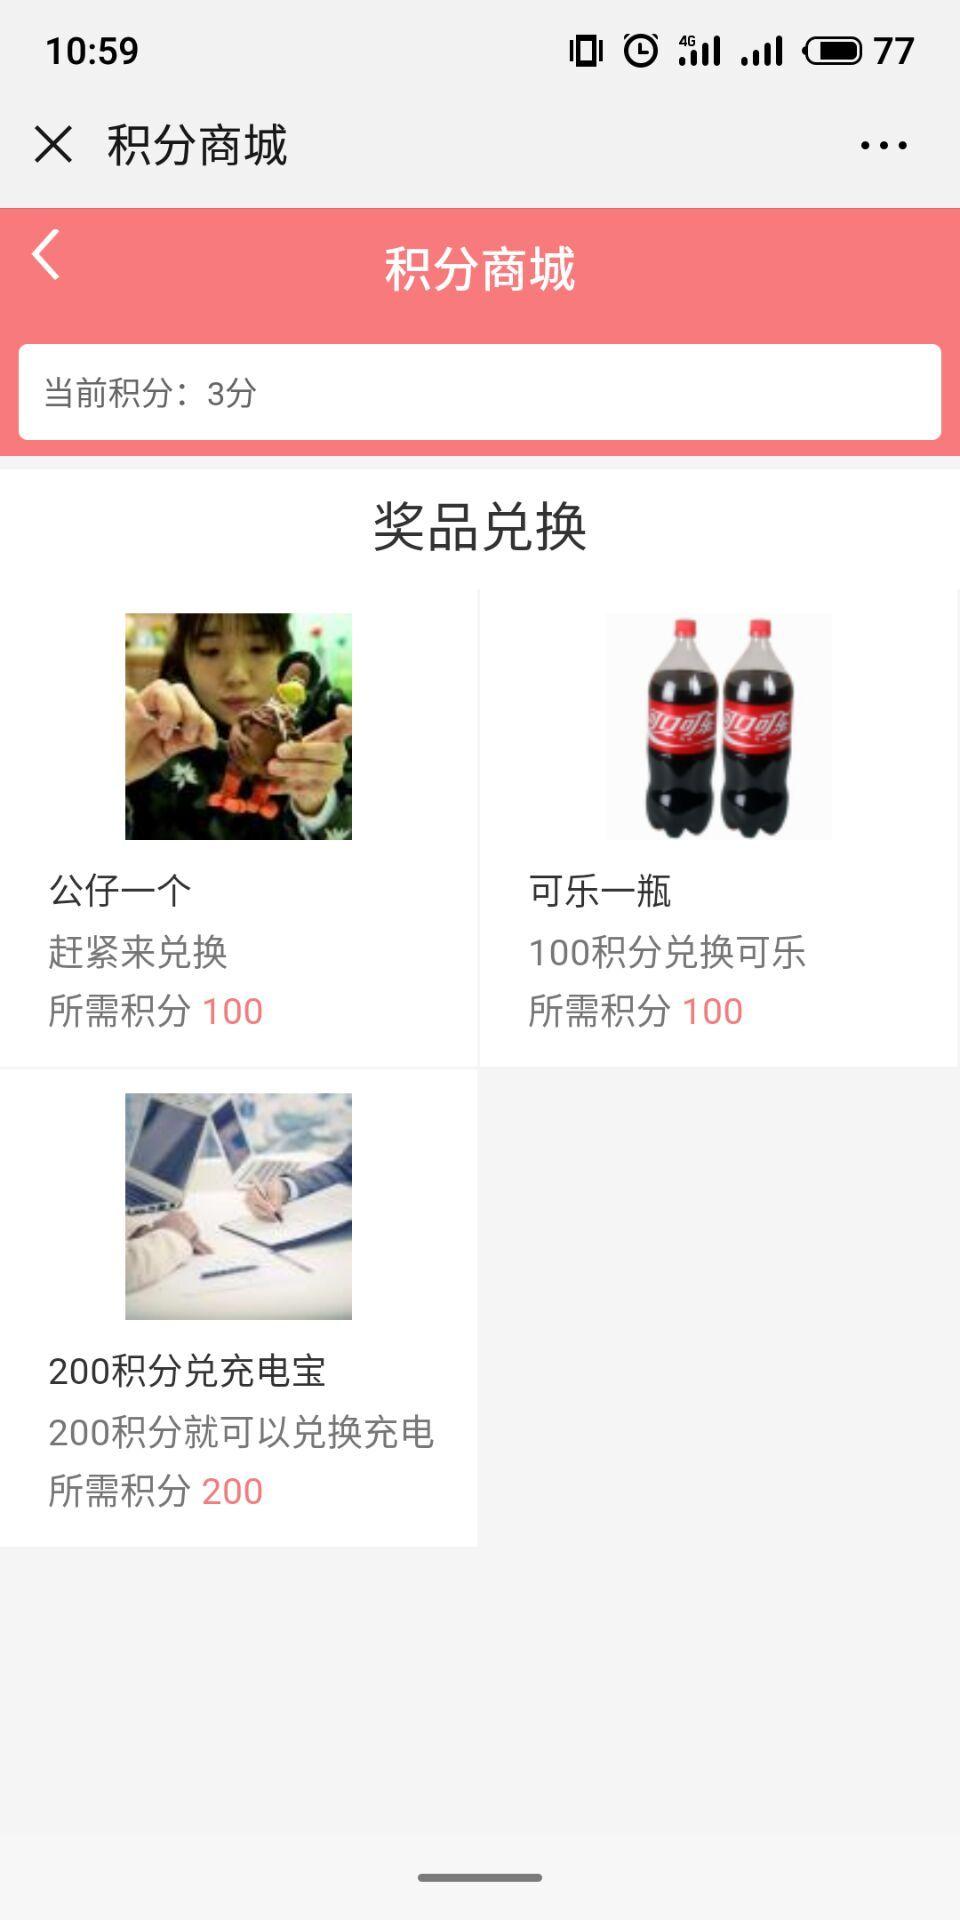 云快卖的微信订餐系统功能详解! - 第1张  | 云快卖新手学院